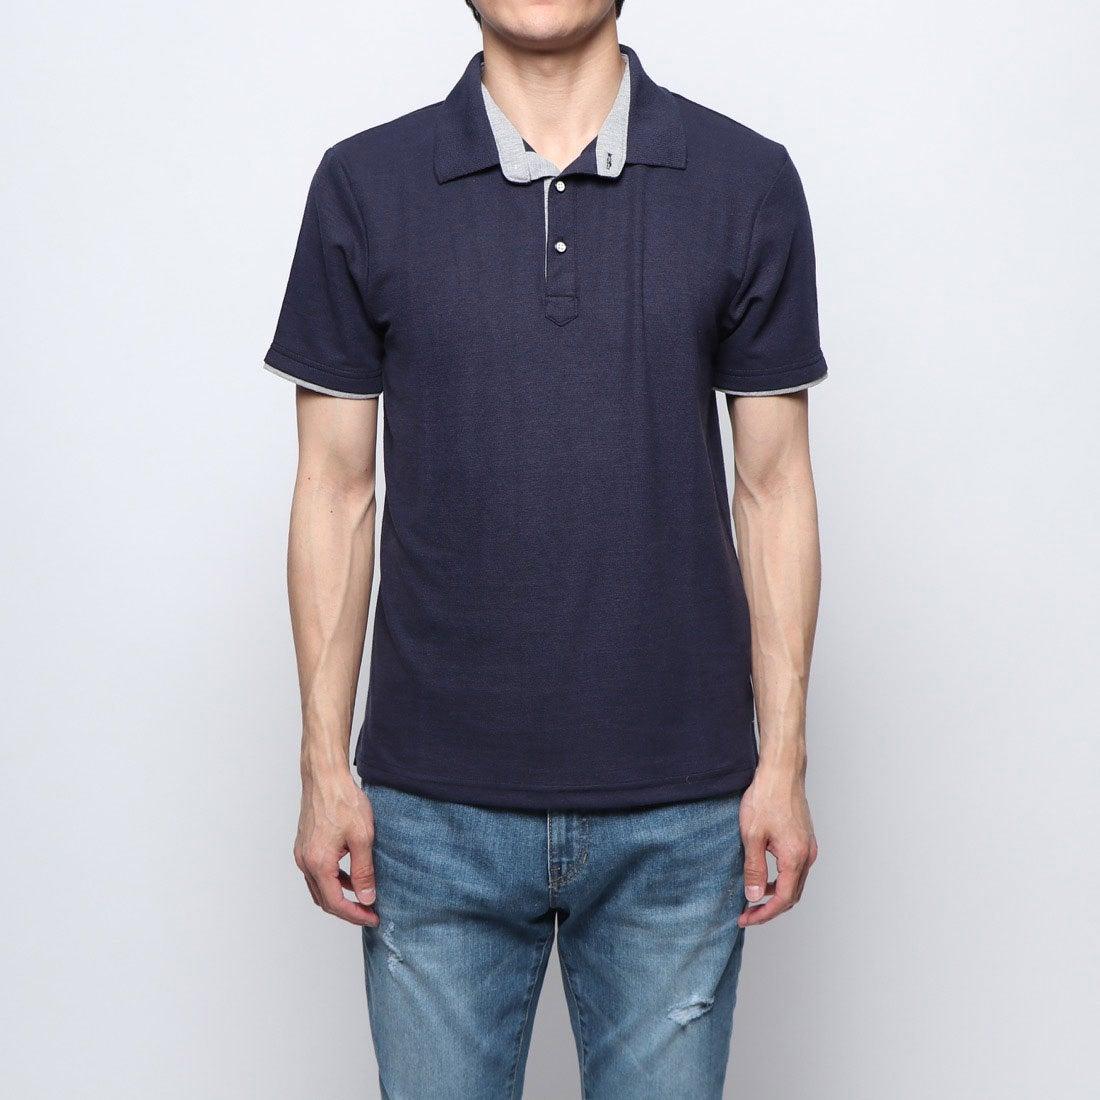 ロコンド 靴とファッションの通販サイトスタイルブロック STYLEBLOCK 配色鹿の子ドライポロシャツ (ネイビー)